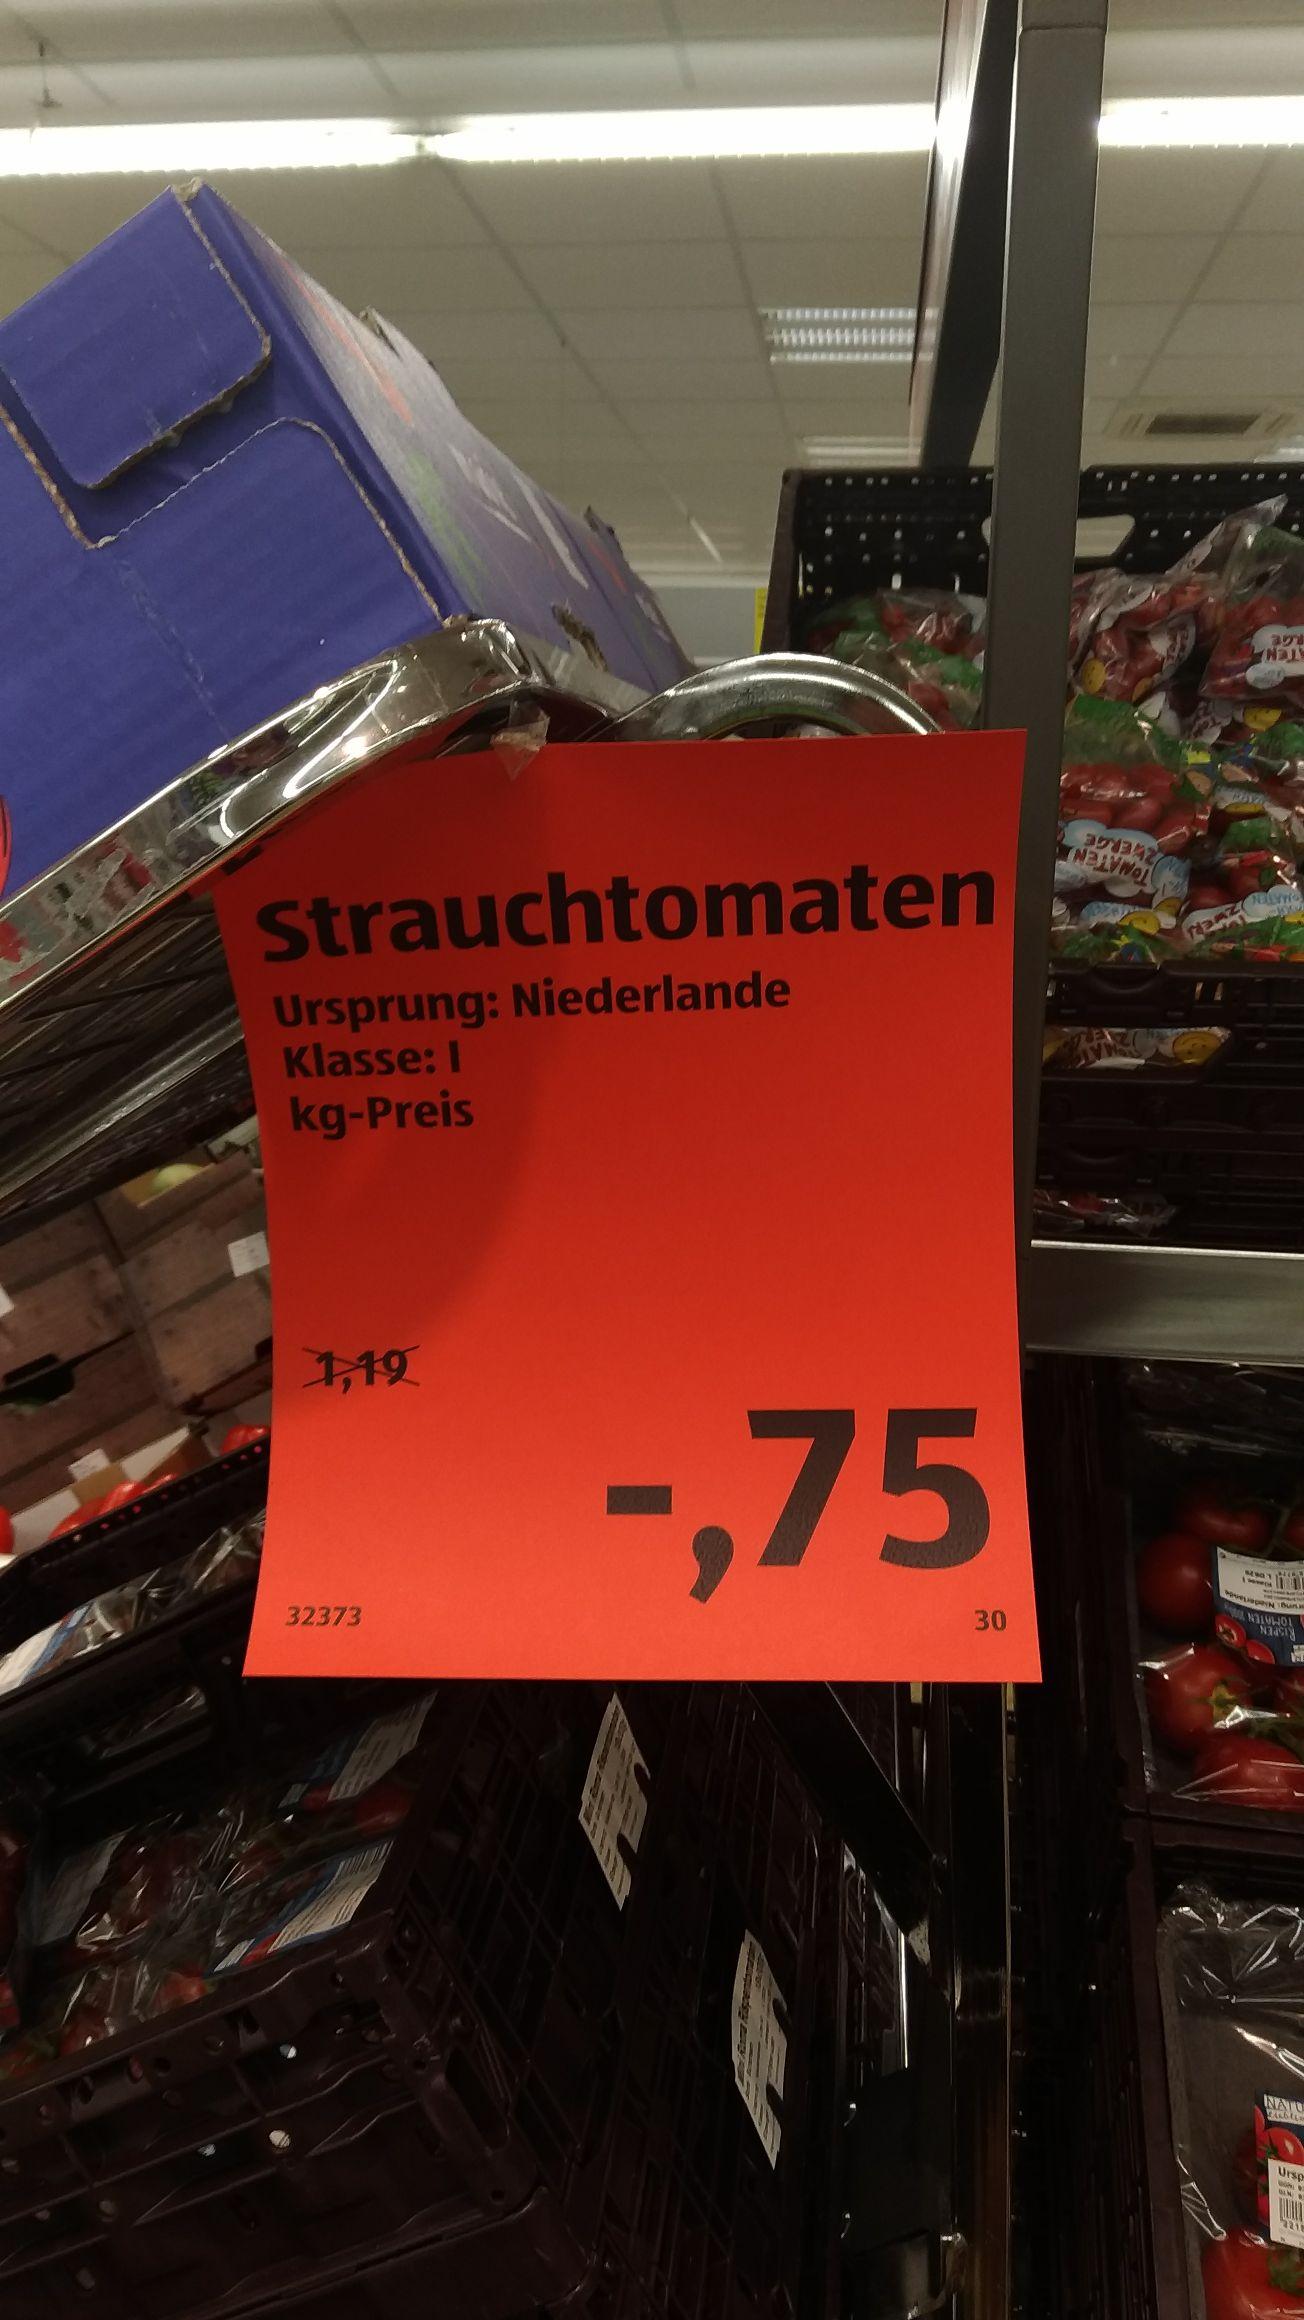 [Lokal?? Aldi Köln Chorweiler] Straichtomaten 1 kg nur 75 cent